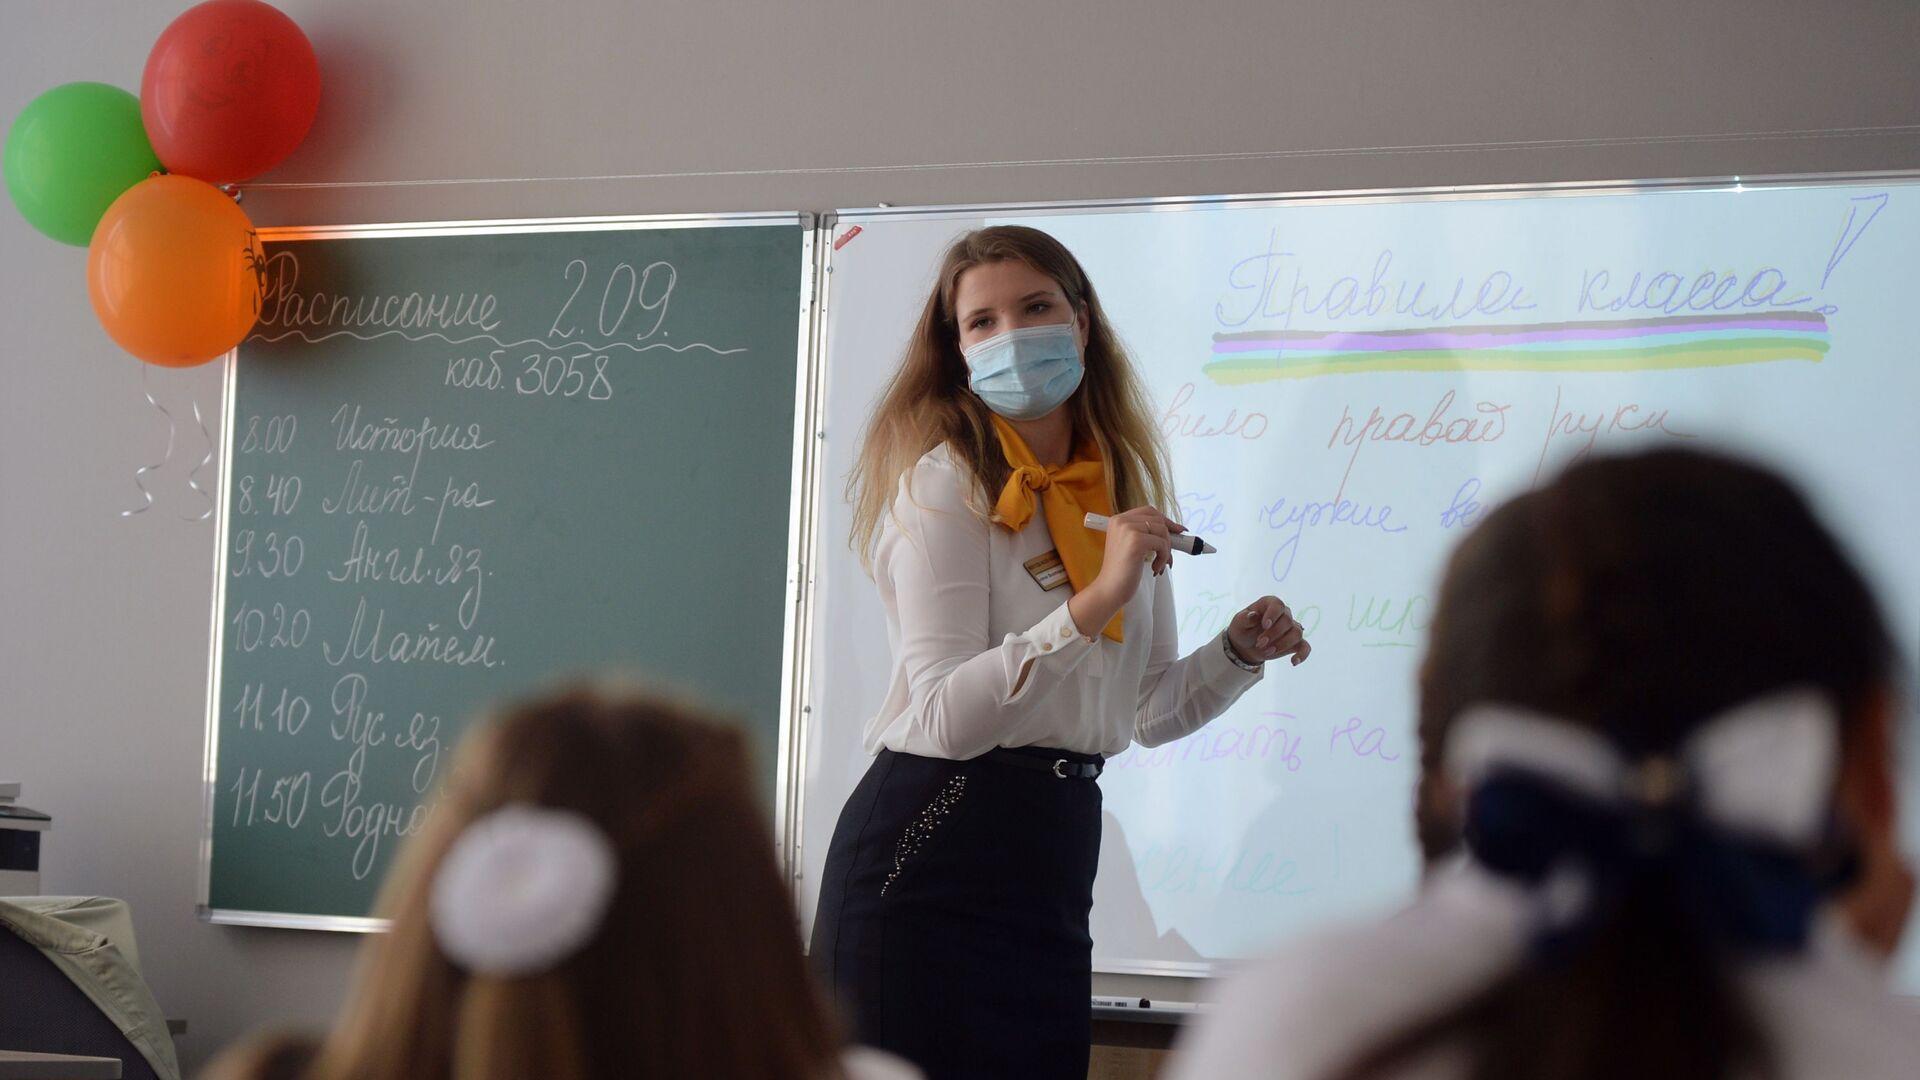 Учитель проводит классный час - Sputnik Беларусь, 1920, 03.10.2021